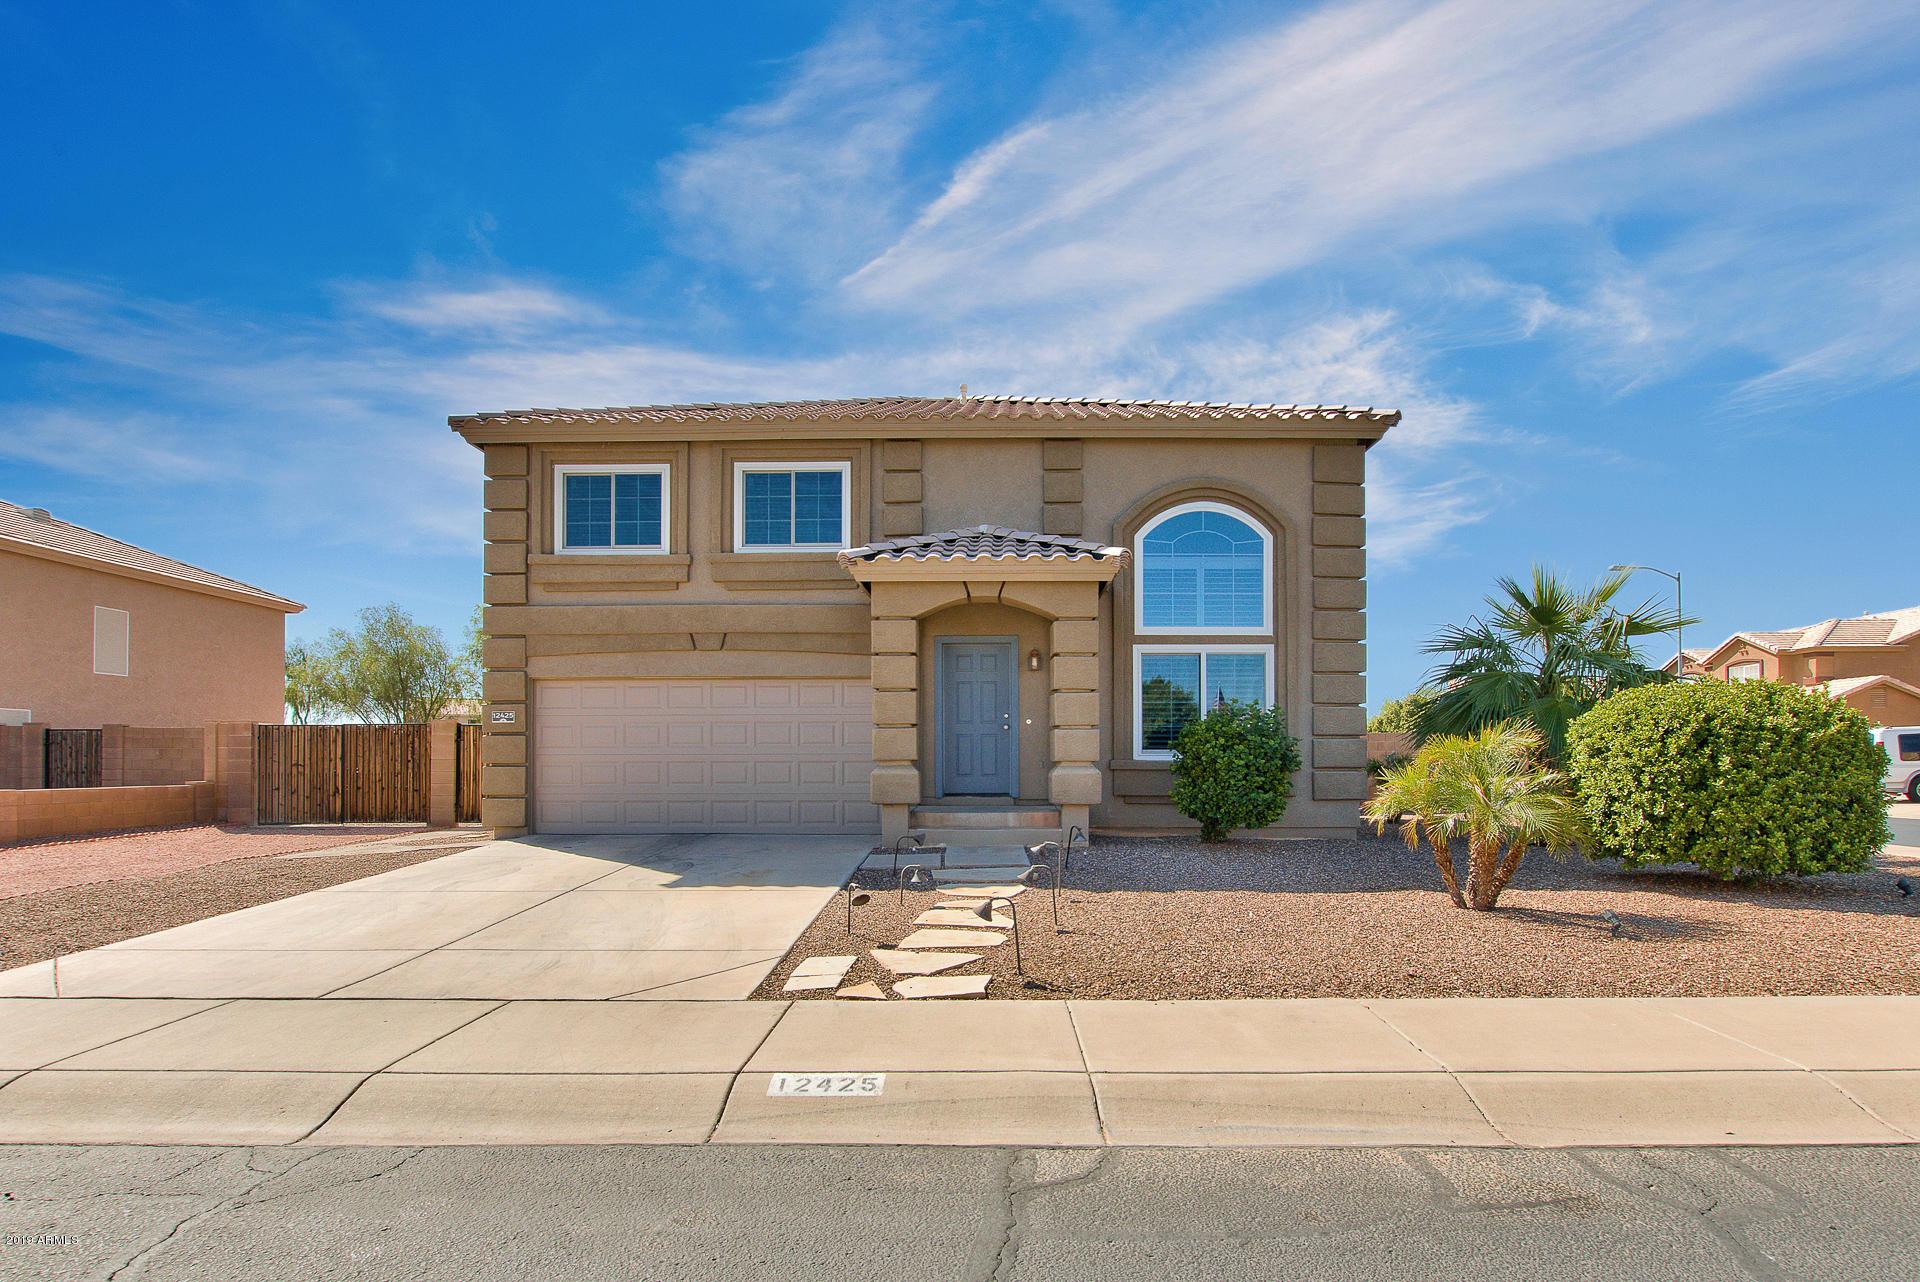 Photo of 12425 W Berry Lane, El Mirage, AZ 85335